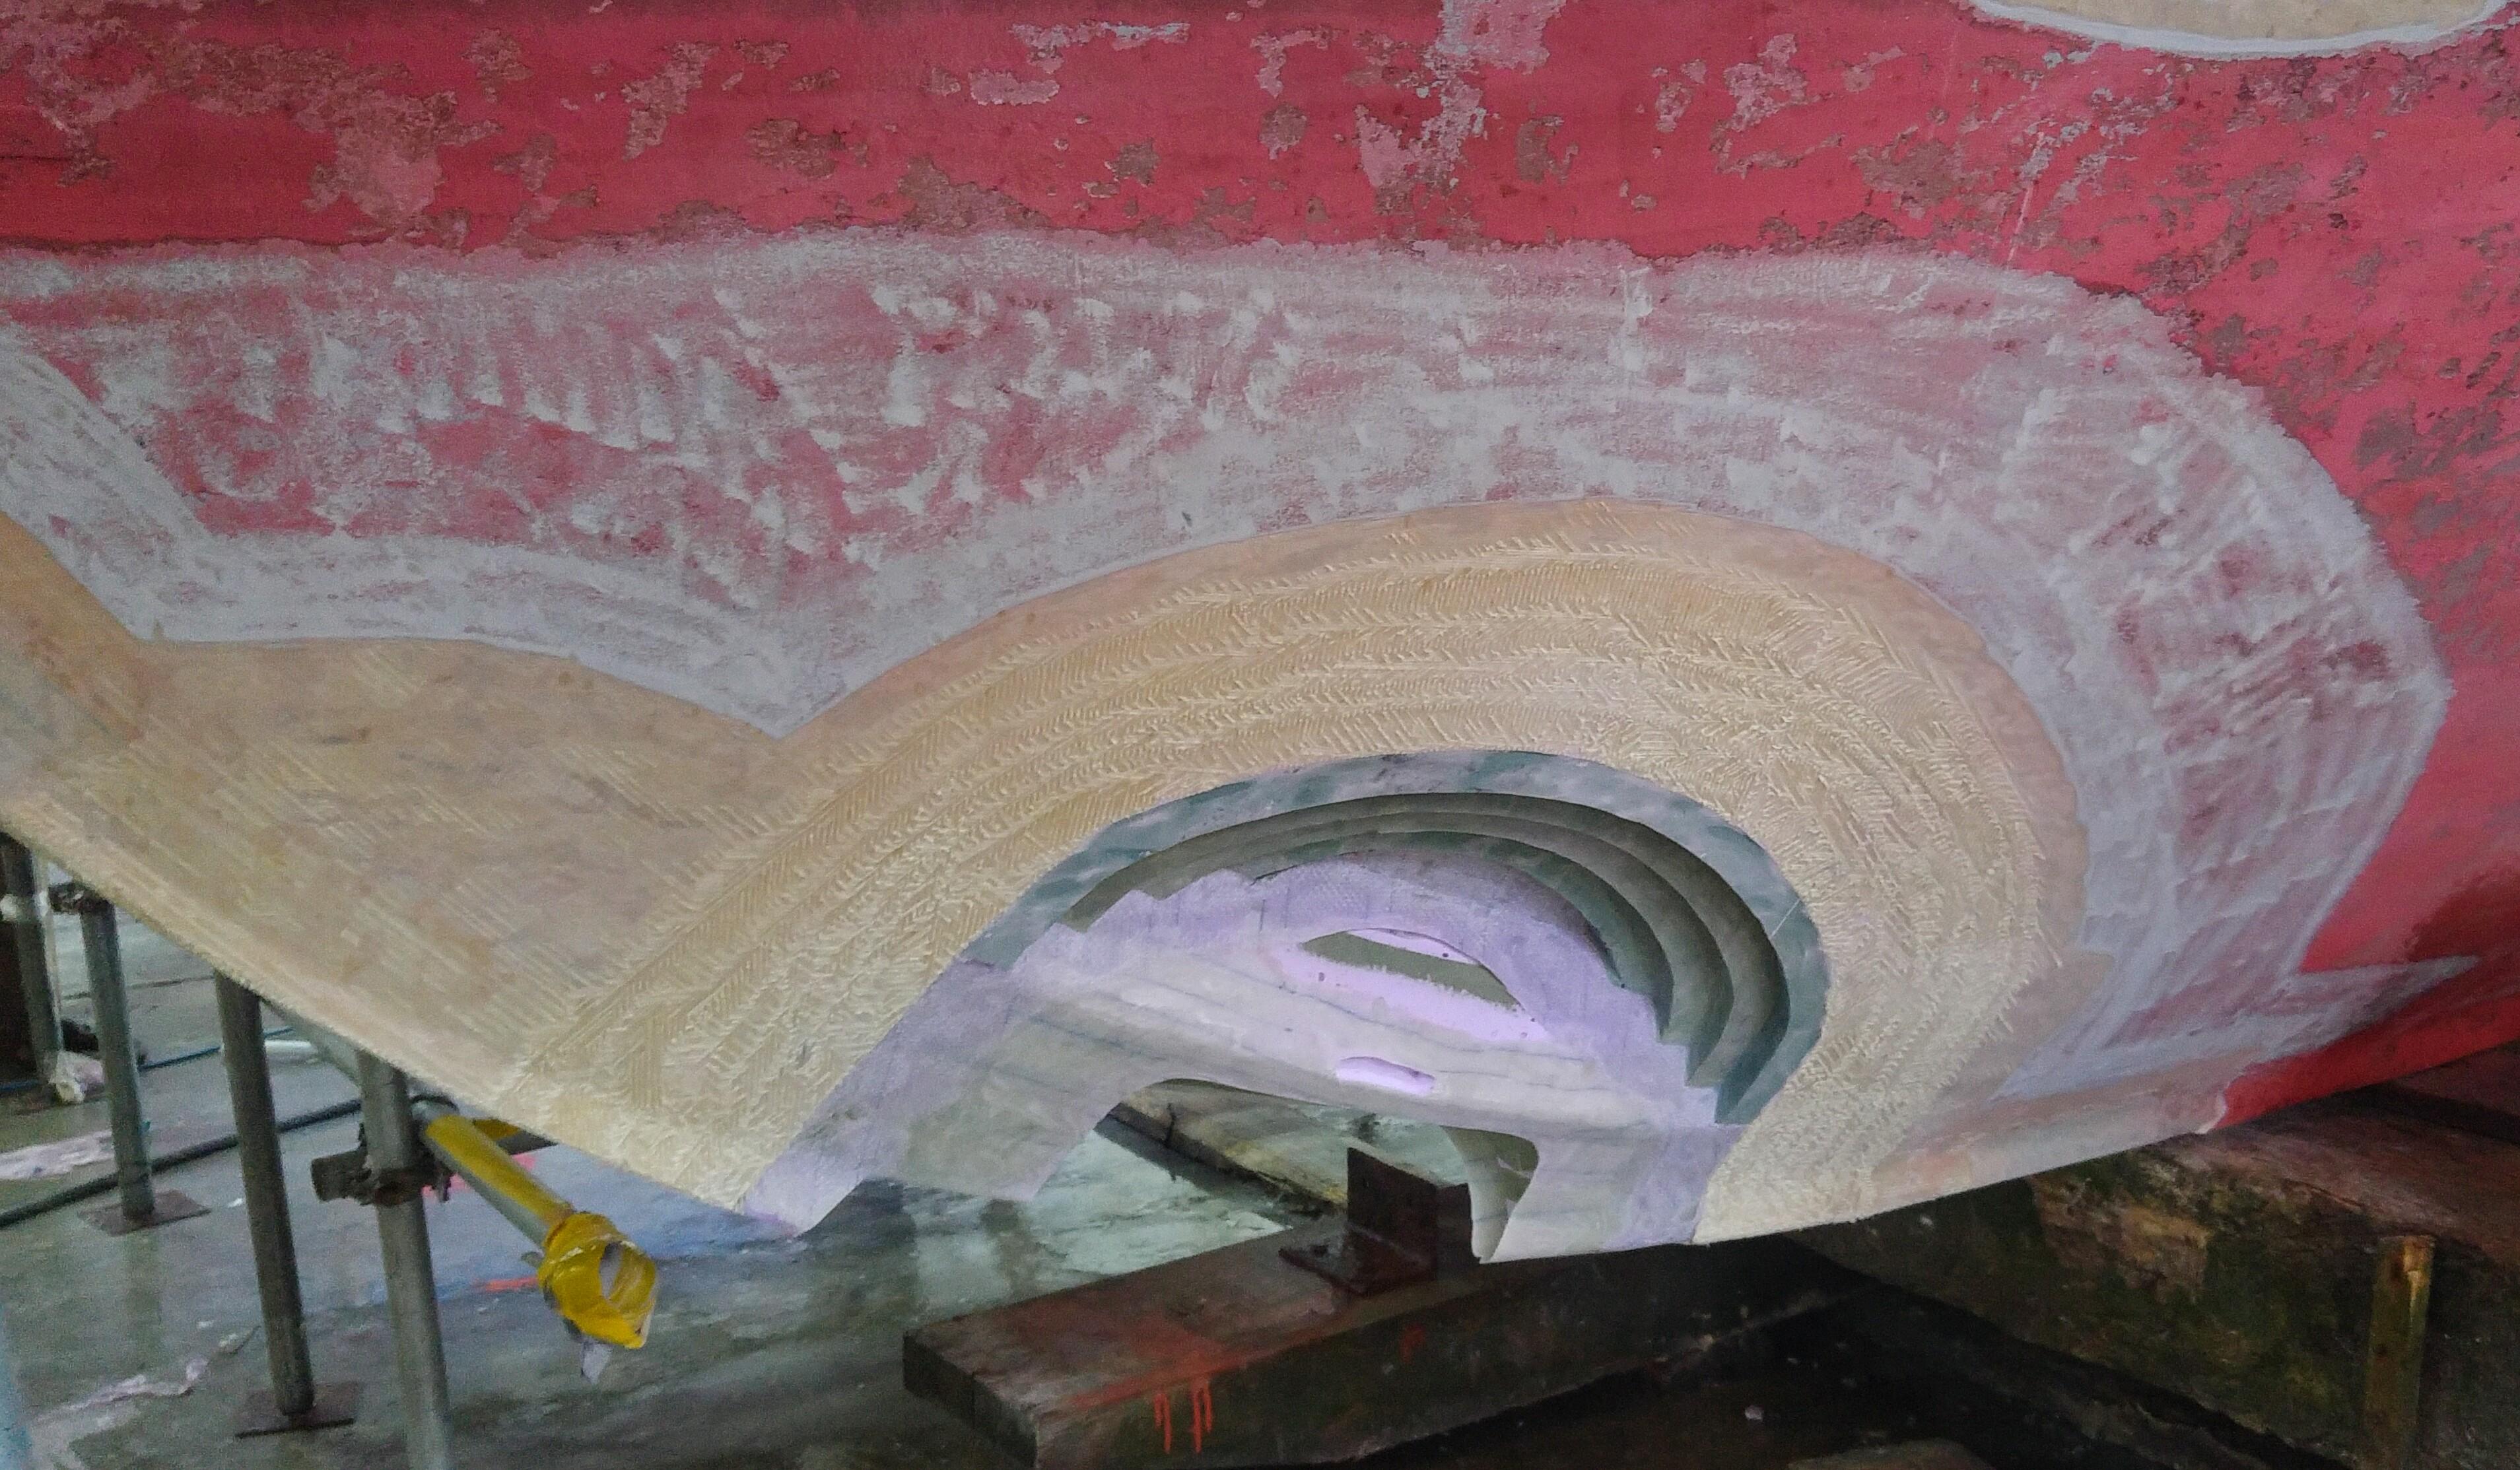 Hull Bow Repair